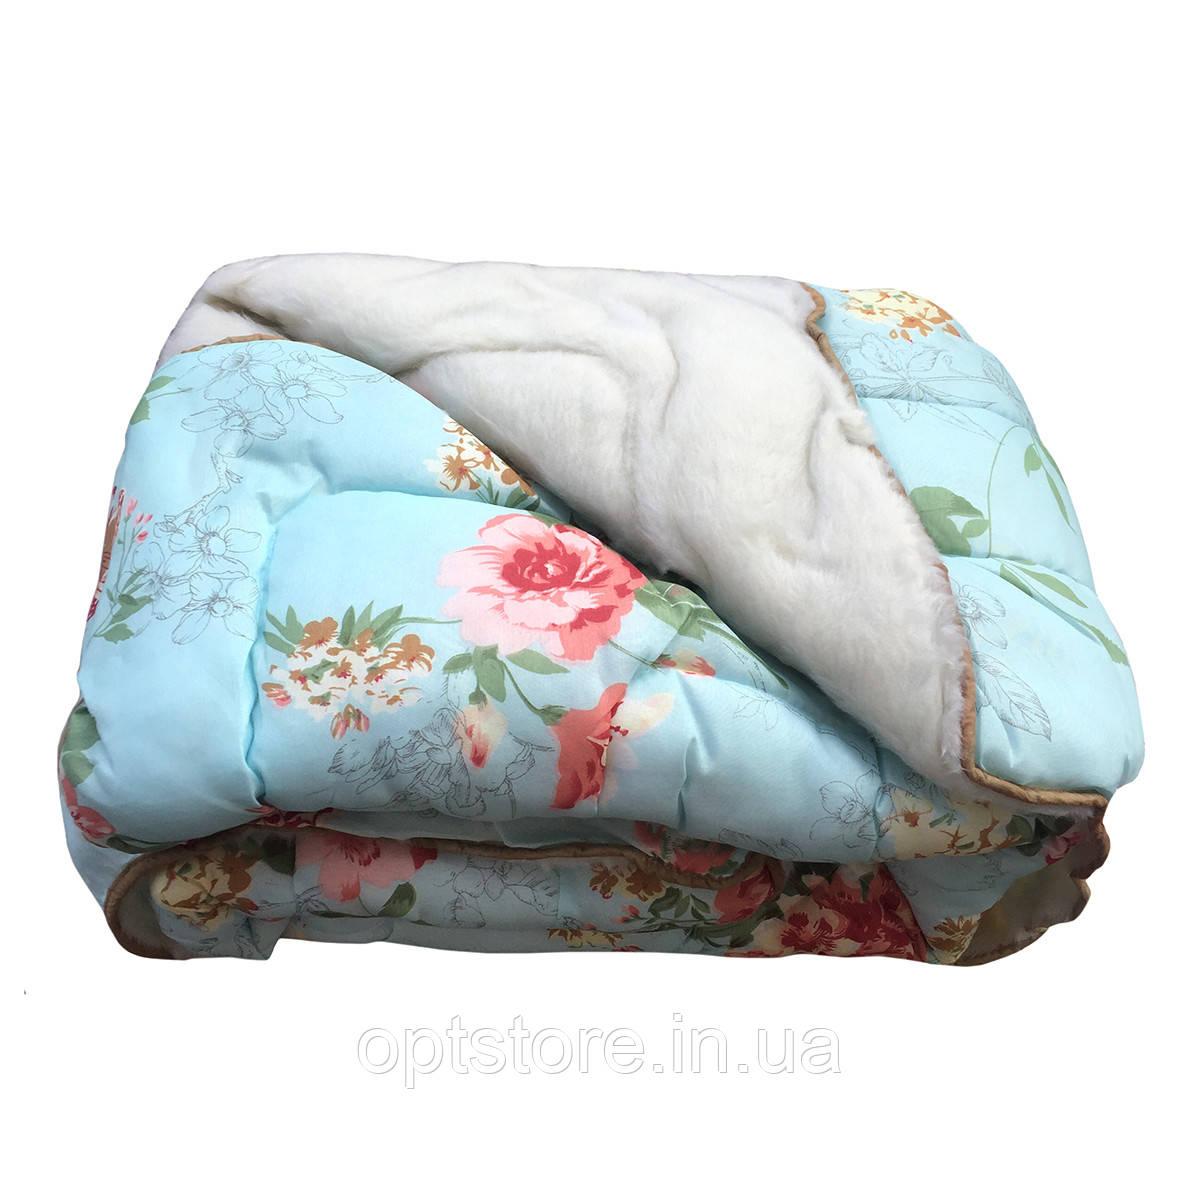 Недорогое шерстяное полуторное одеяло мех 145/215,ткань поликотон